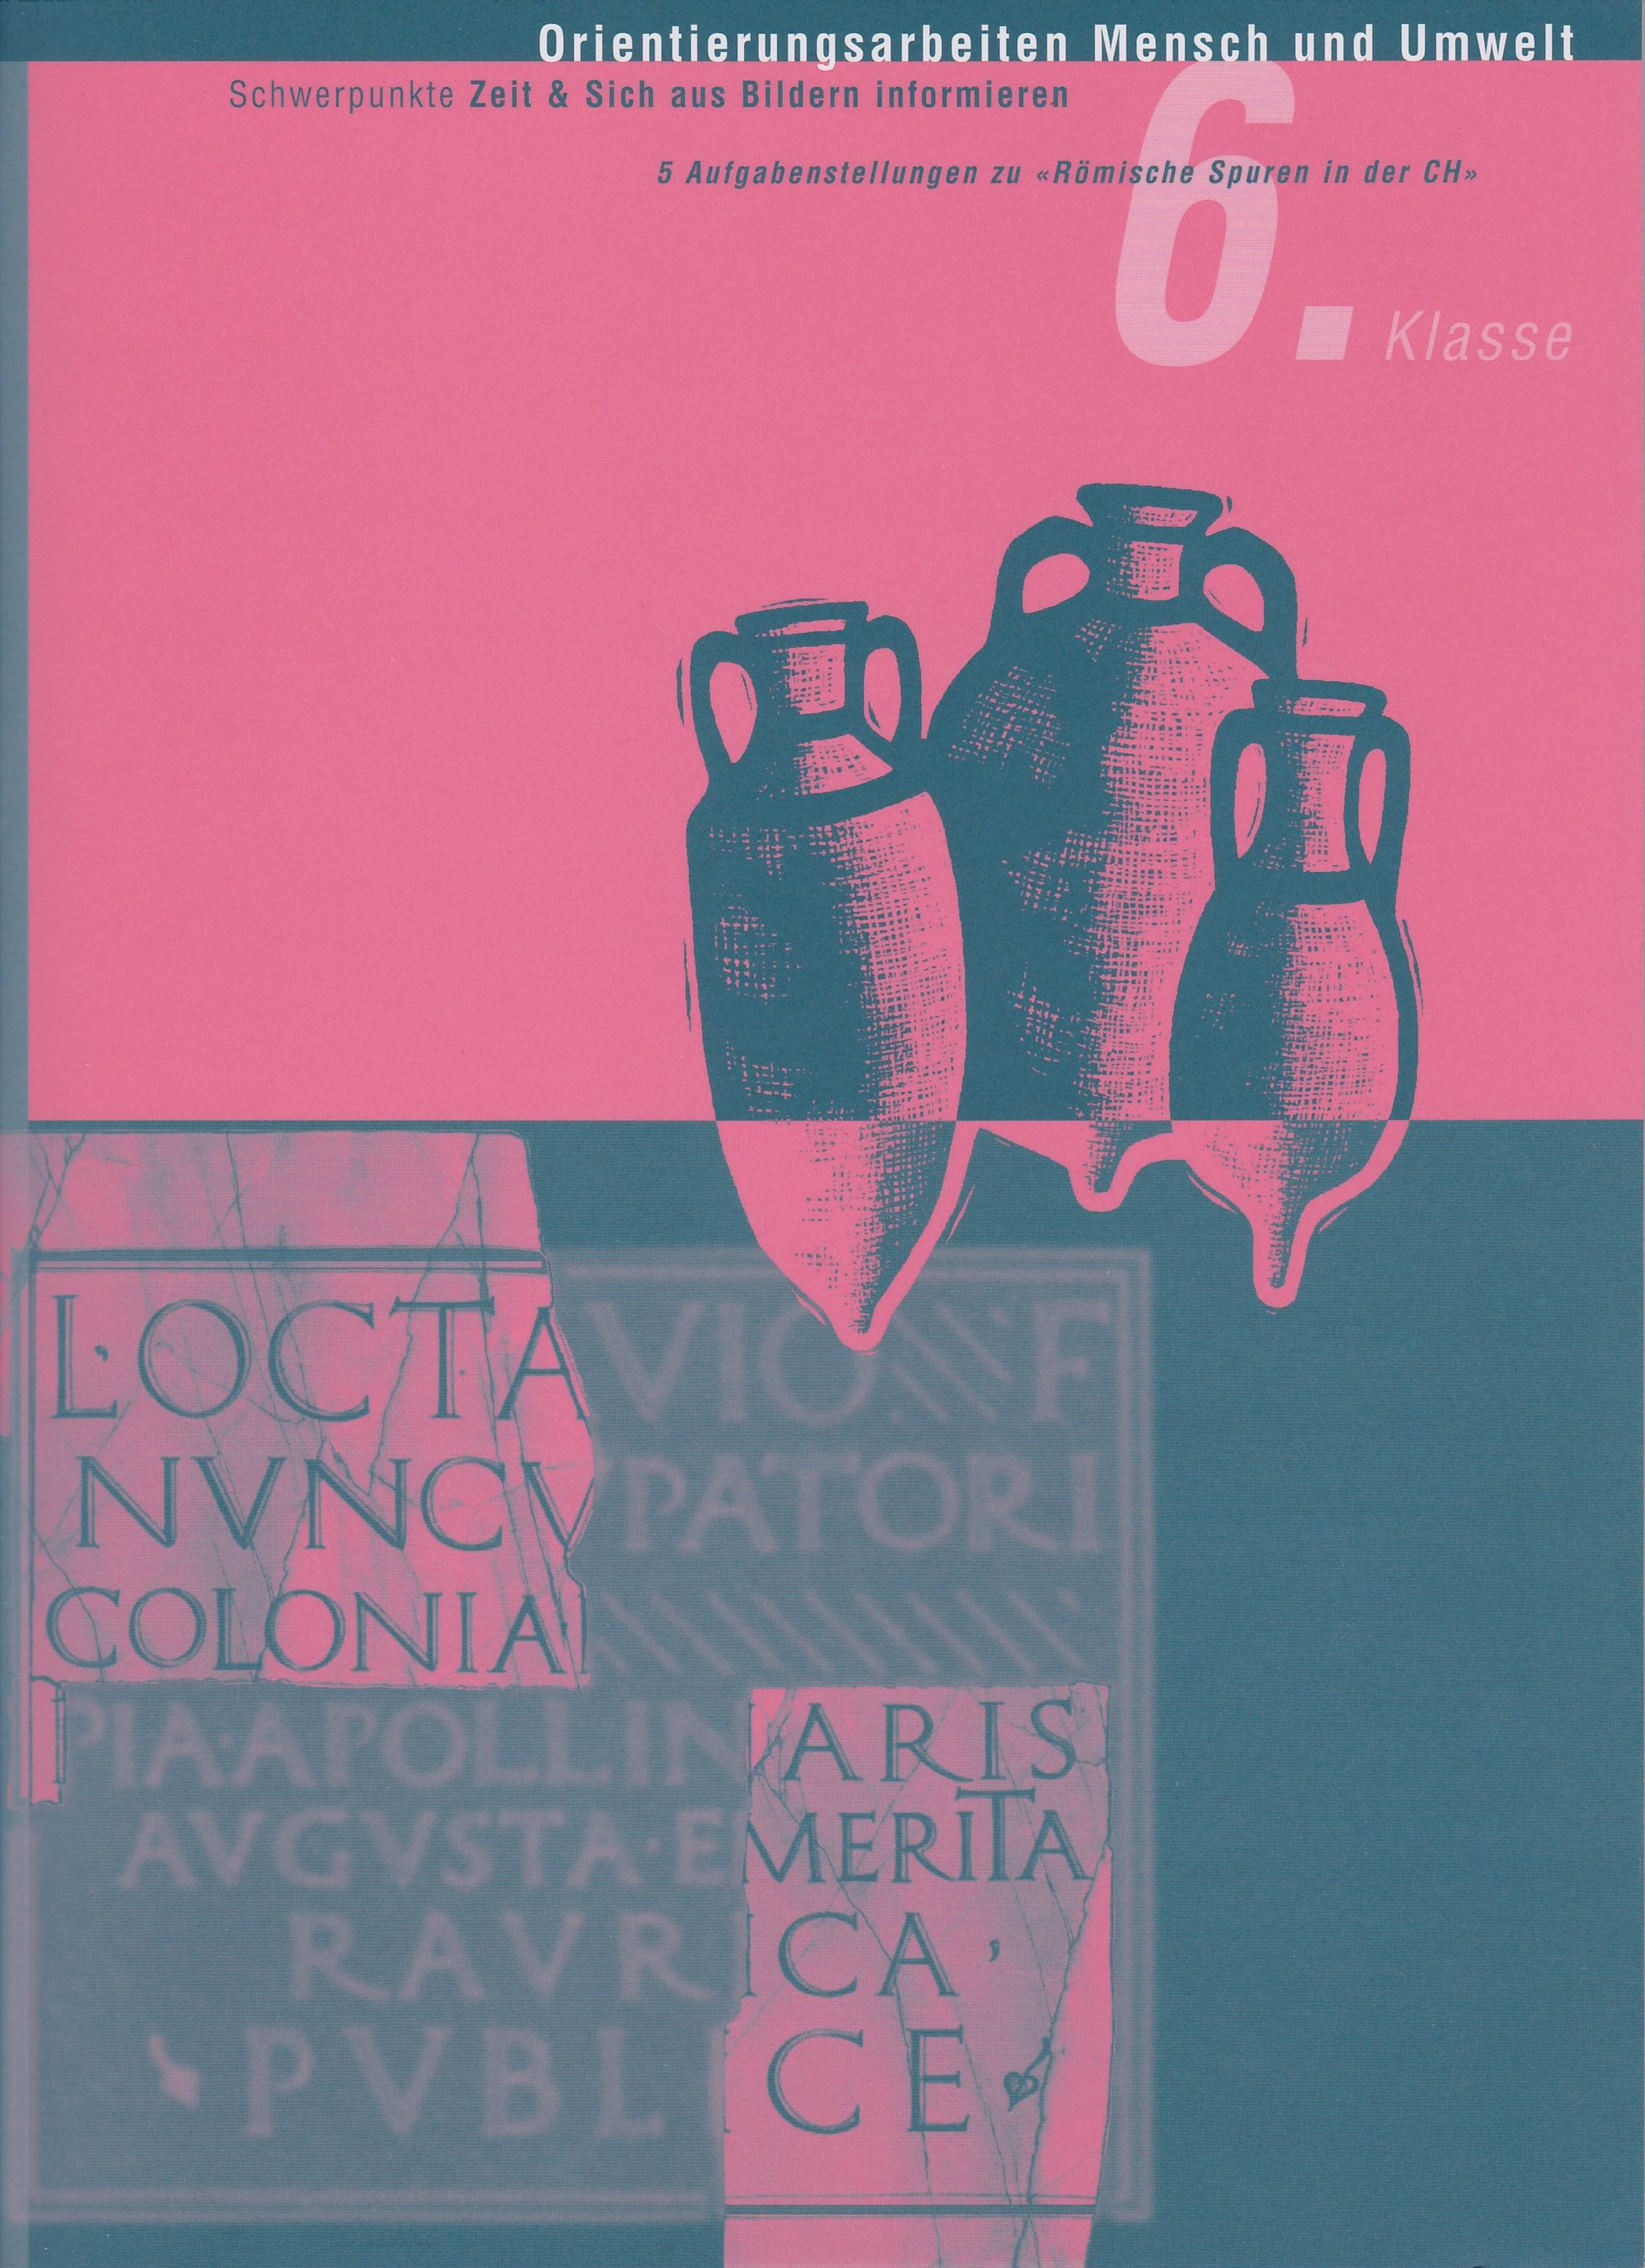 Preview image for LOM object Orientierungsarbeit Mensch und Umwelt 6: Römische Spuren in der CH